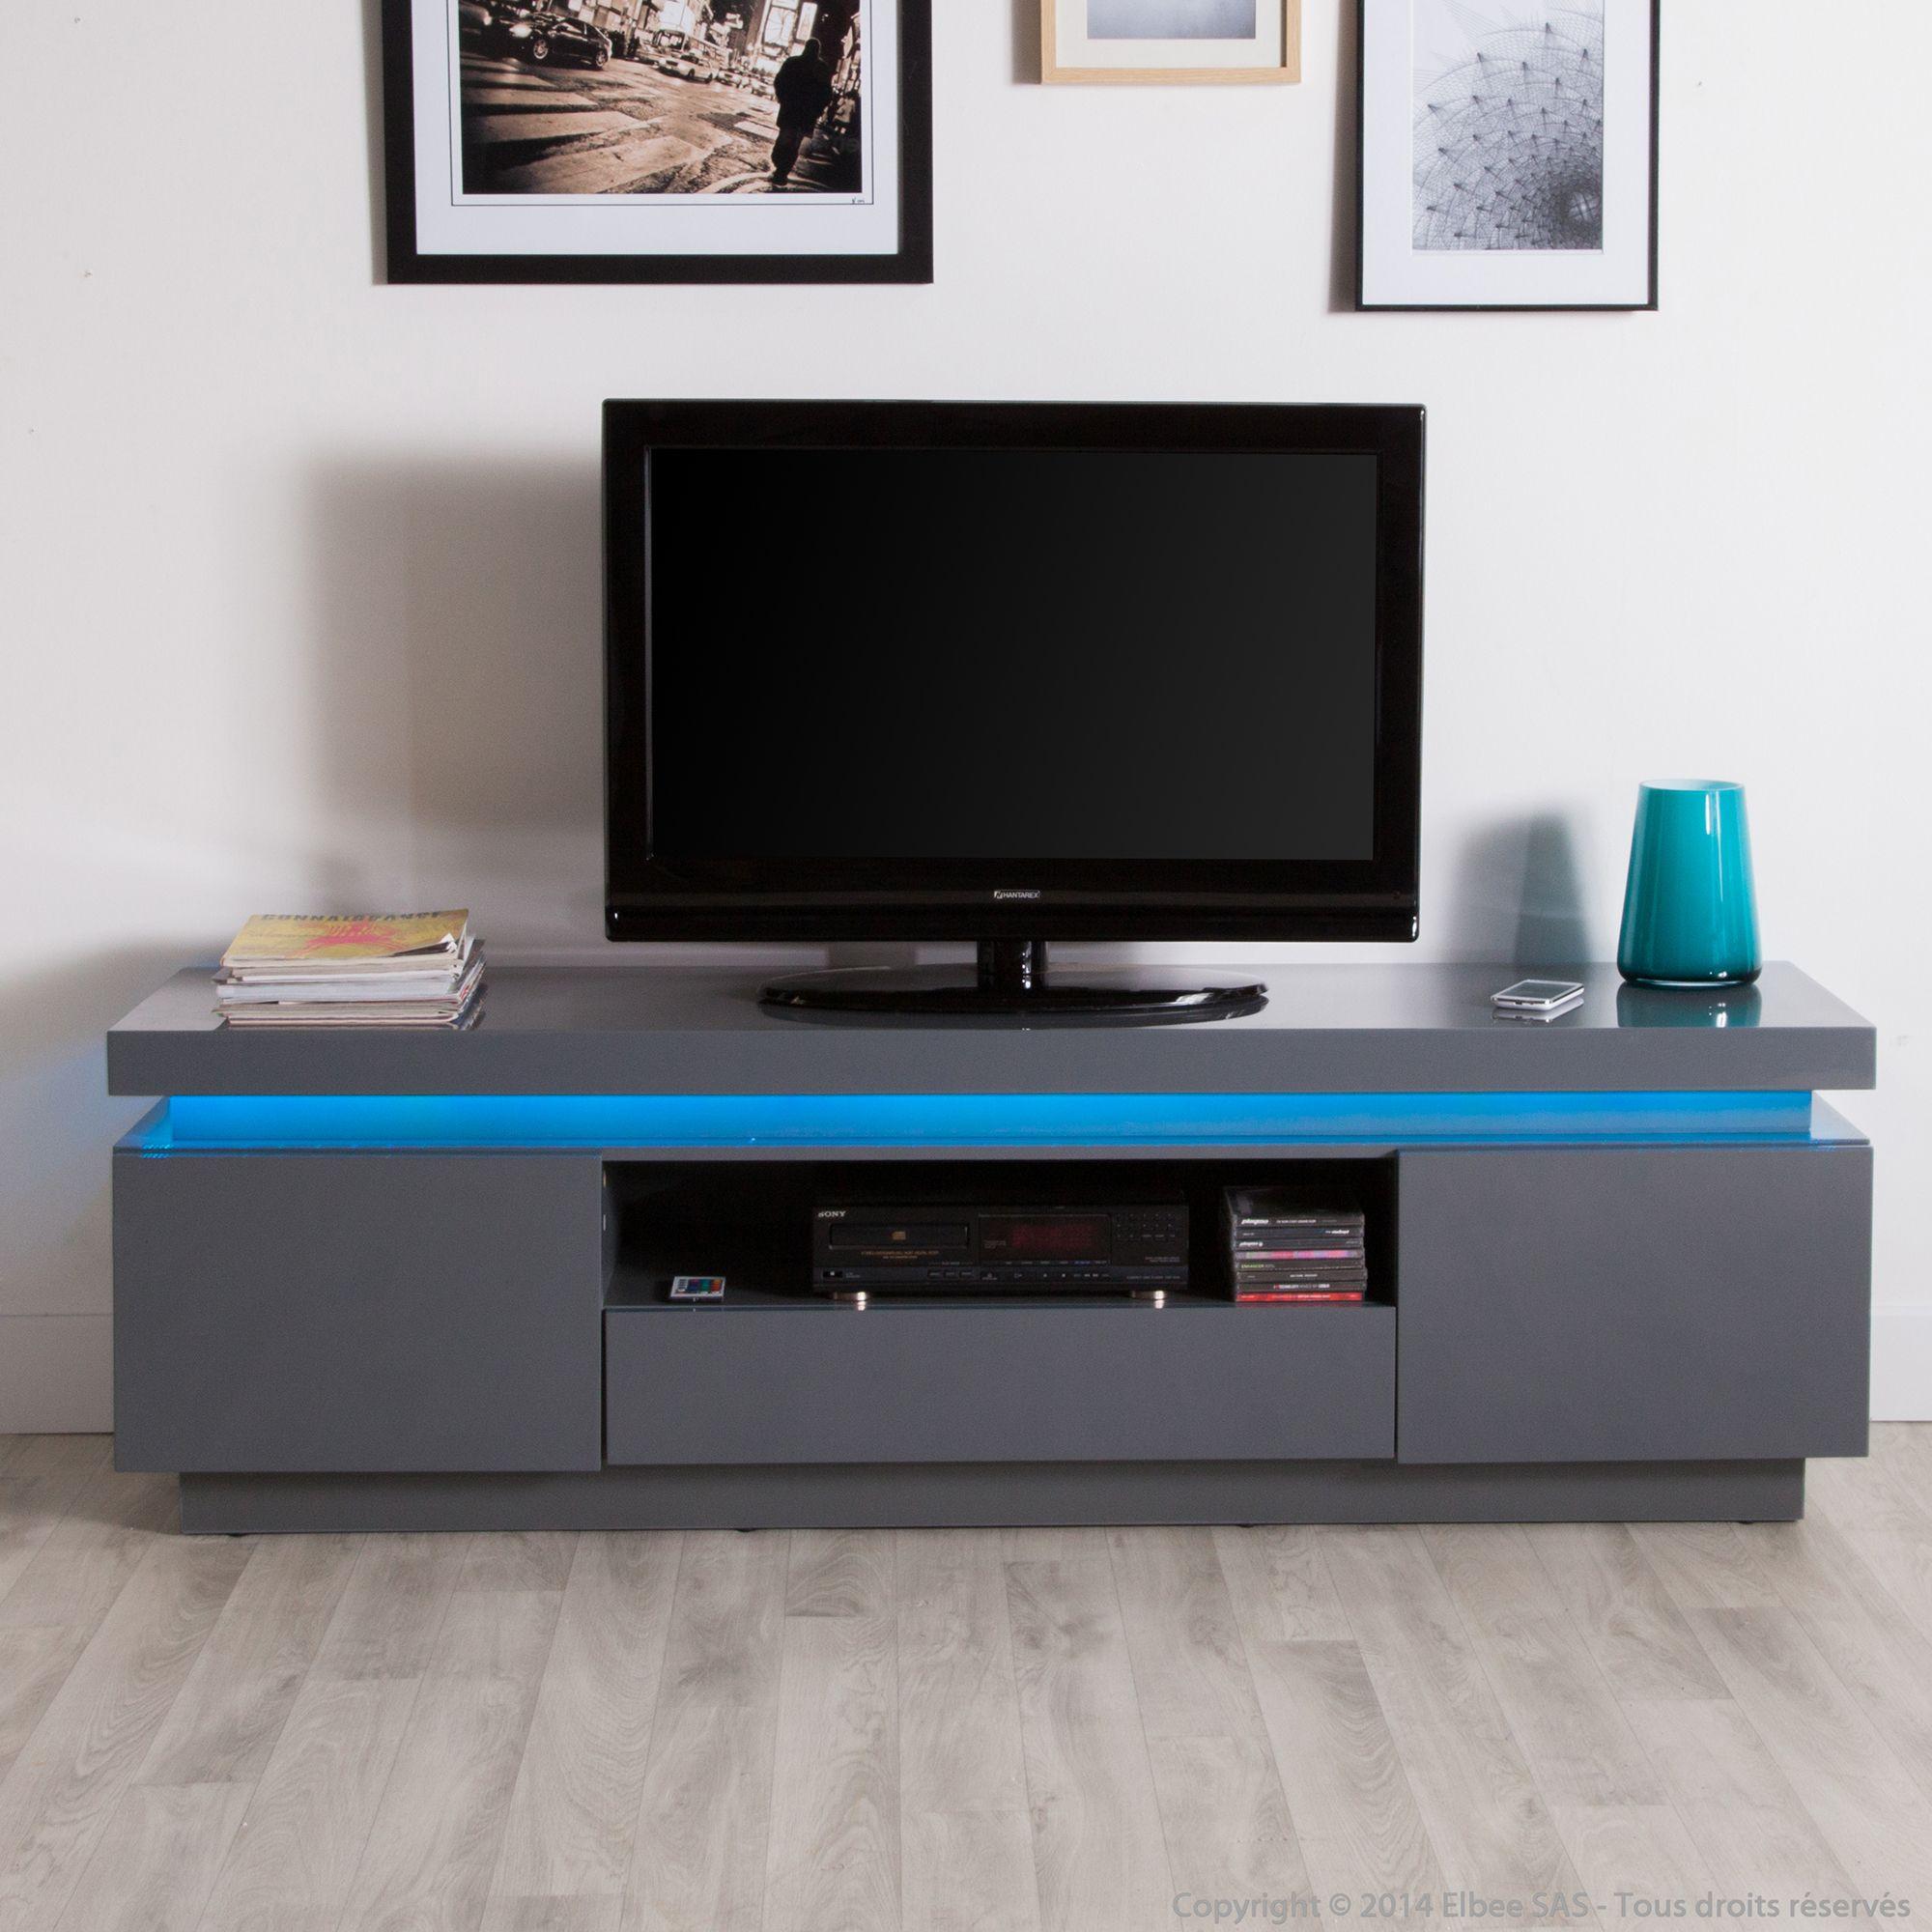 Meuble TV 2 portes 1 tiroir 1 niche avec leds en bois ...